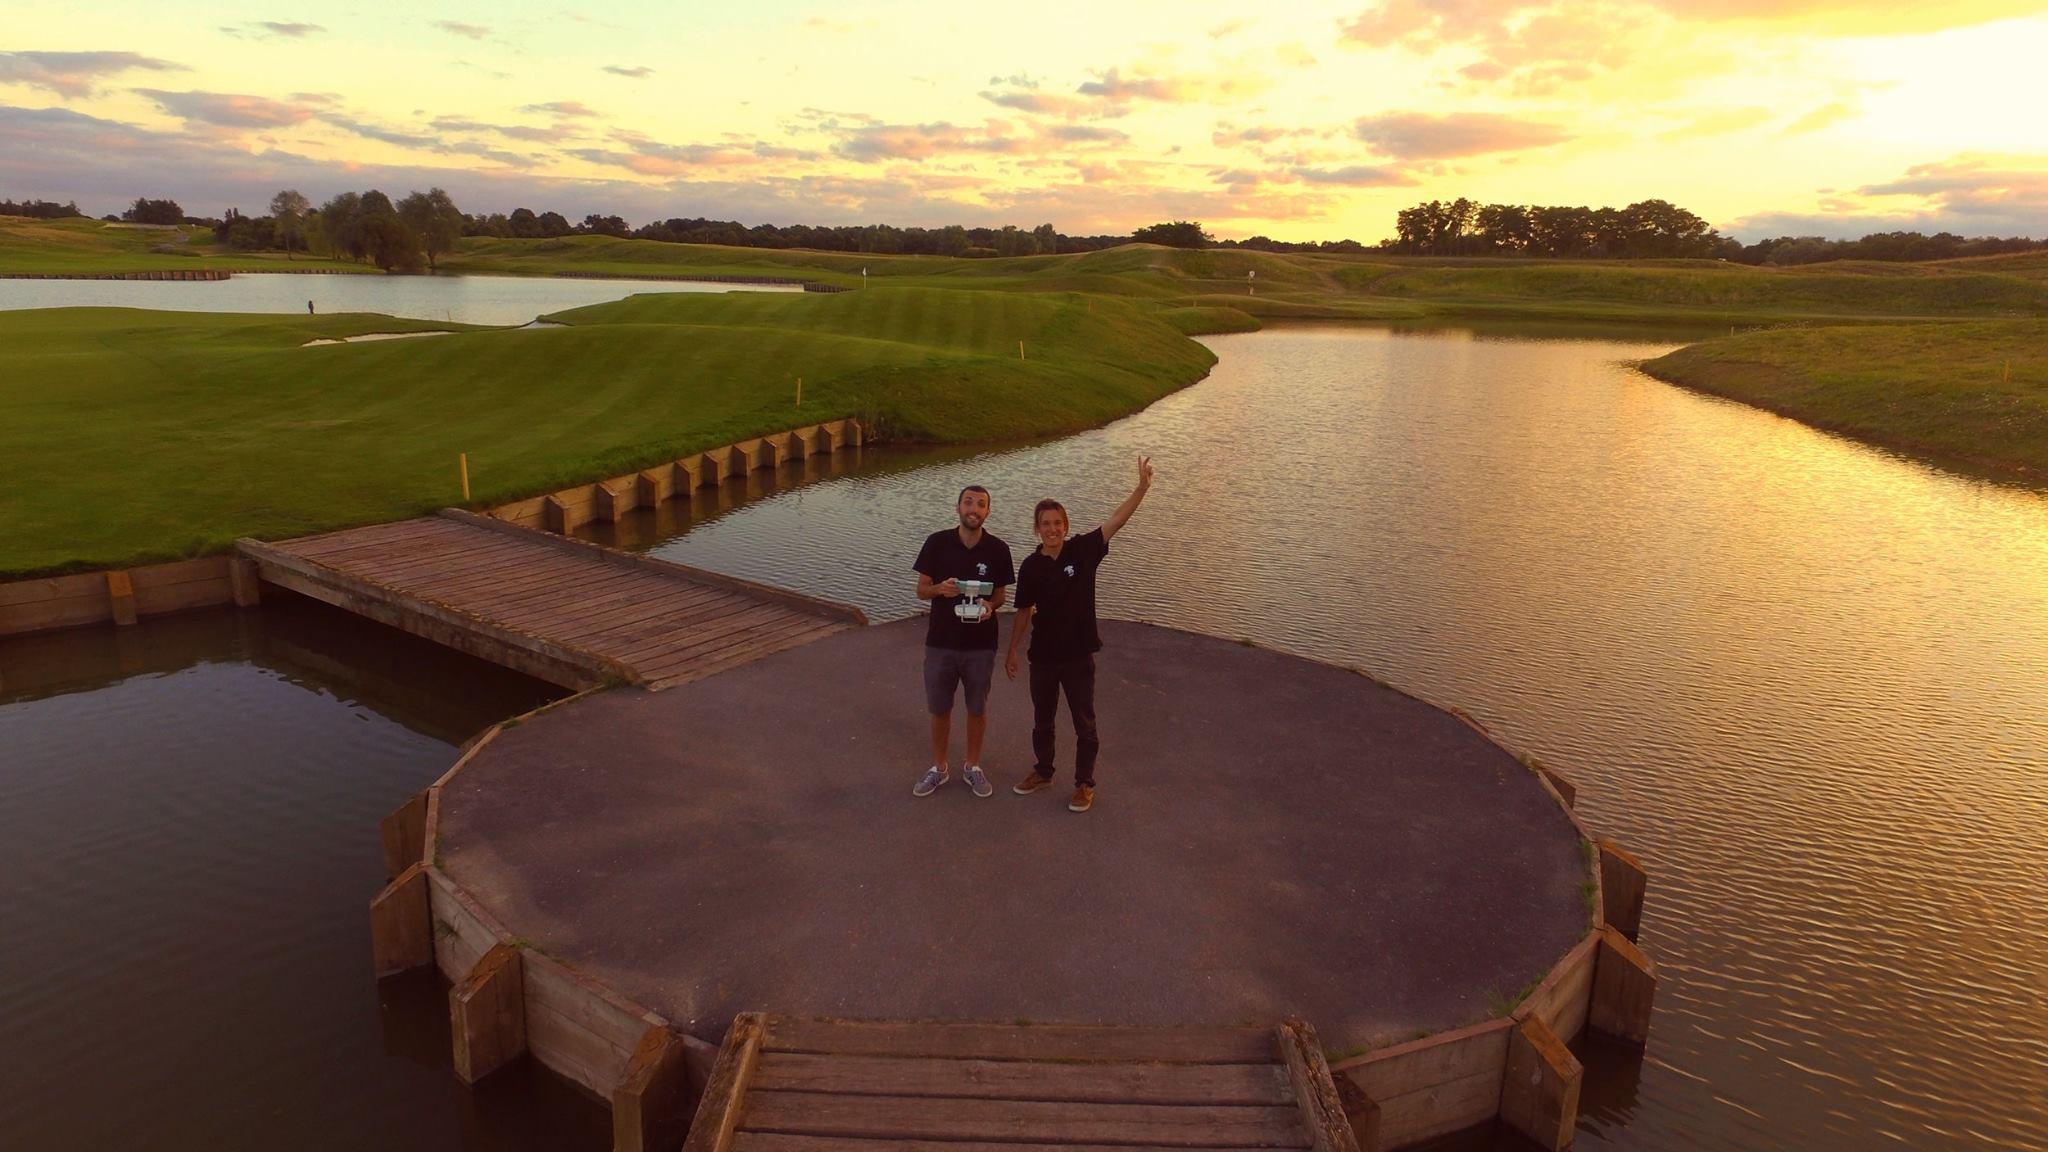 toro-xaleo-leo-meslet-tournage-golf